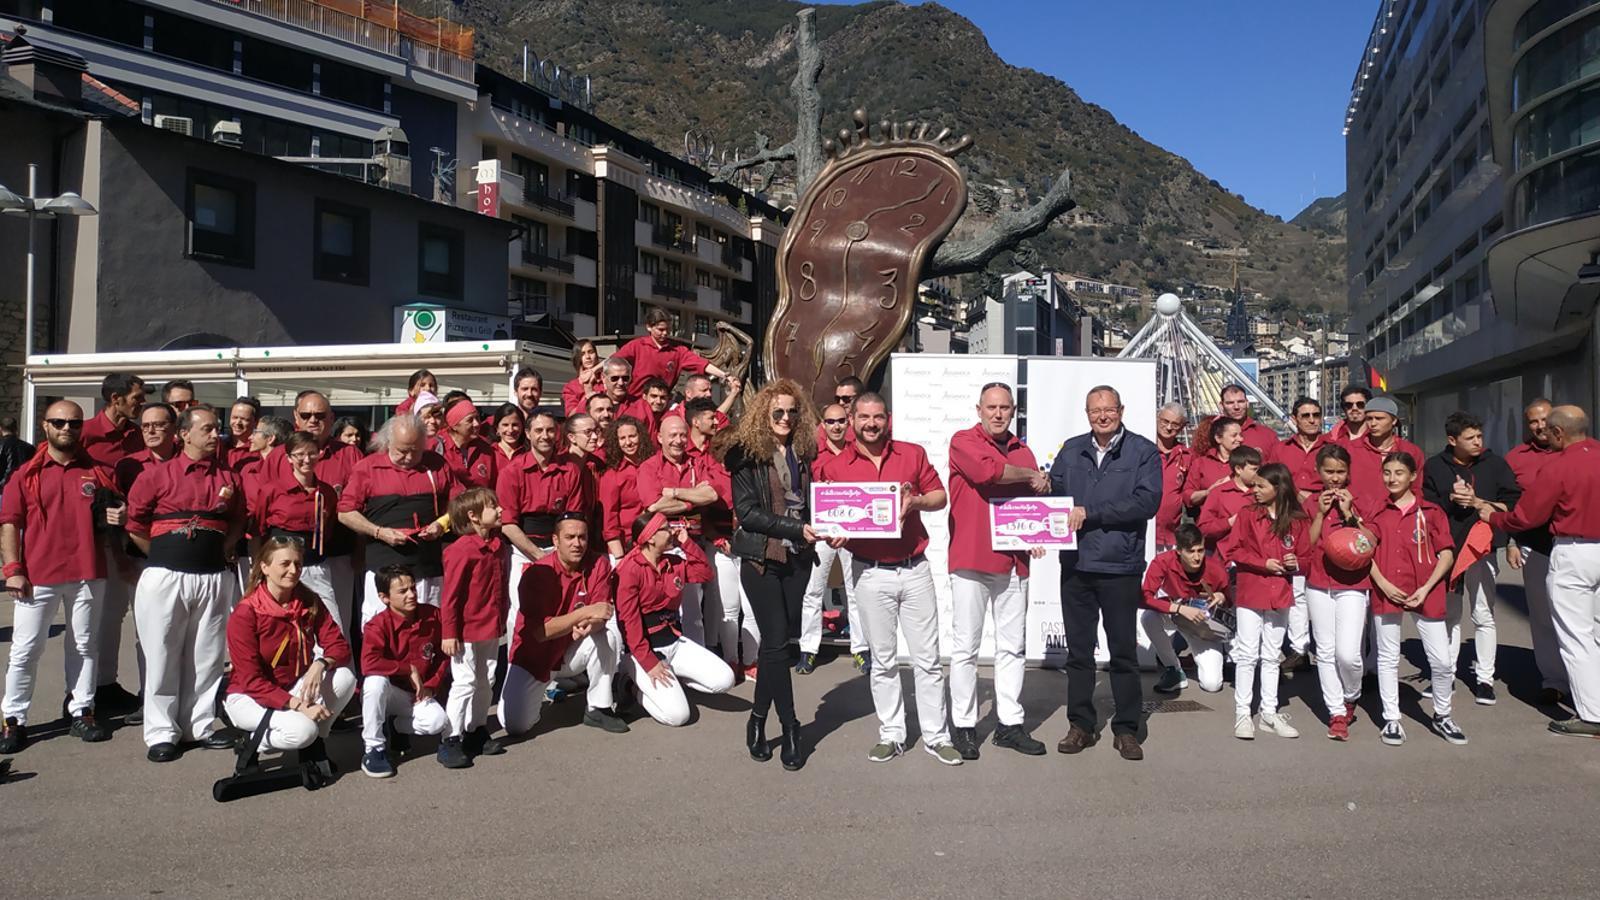 La tassa solidària dels Castellers d'Andorra recapta prop de 1.400 euros per a Assandca. / ASSANDCA